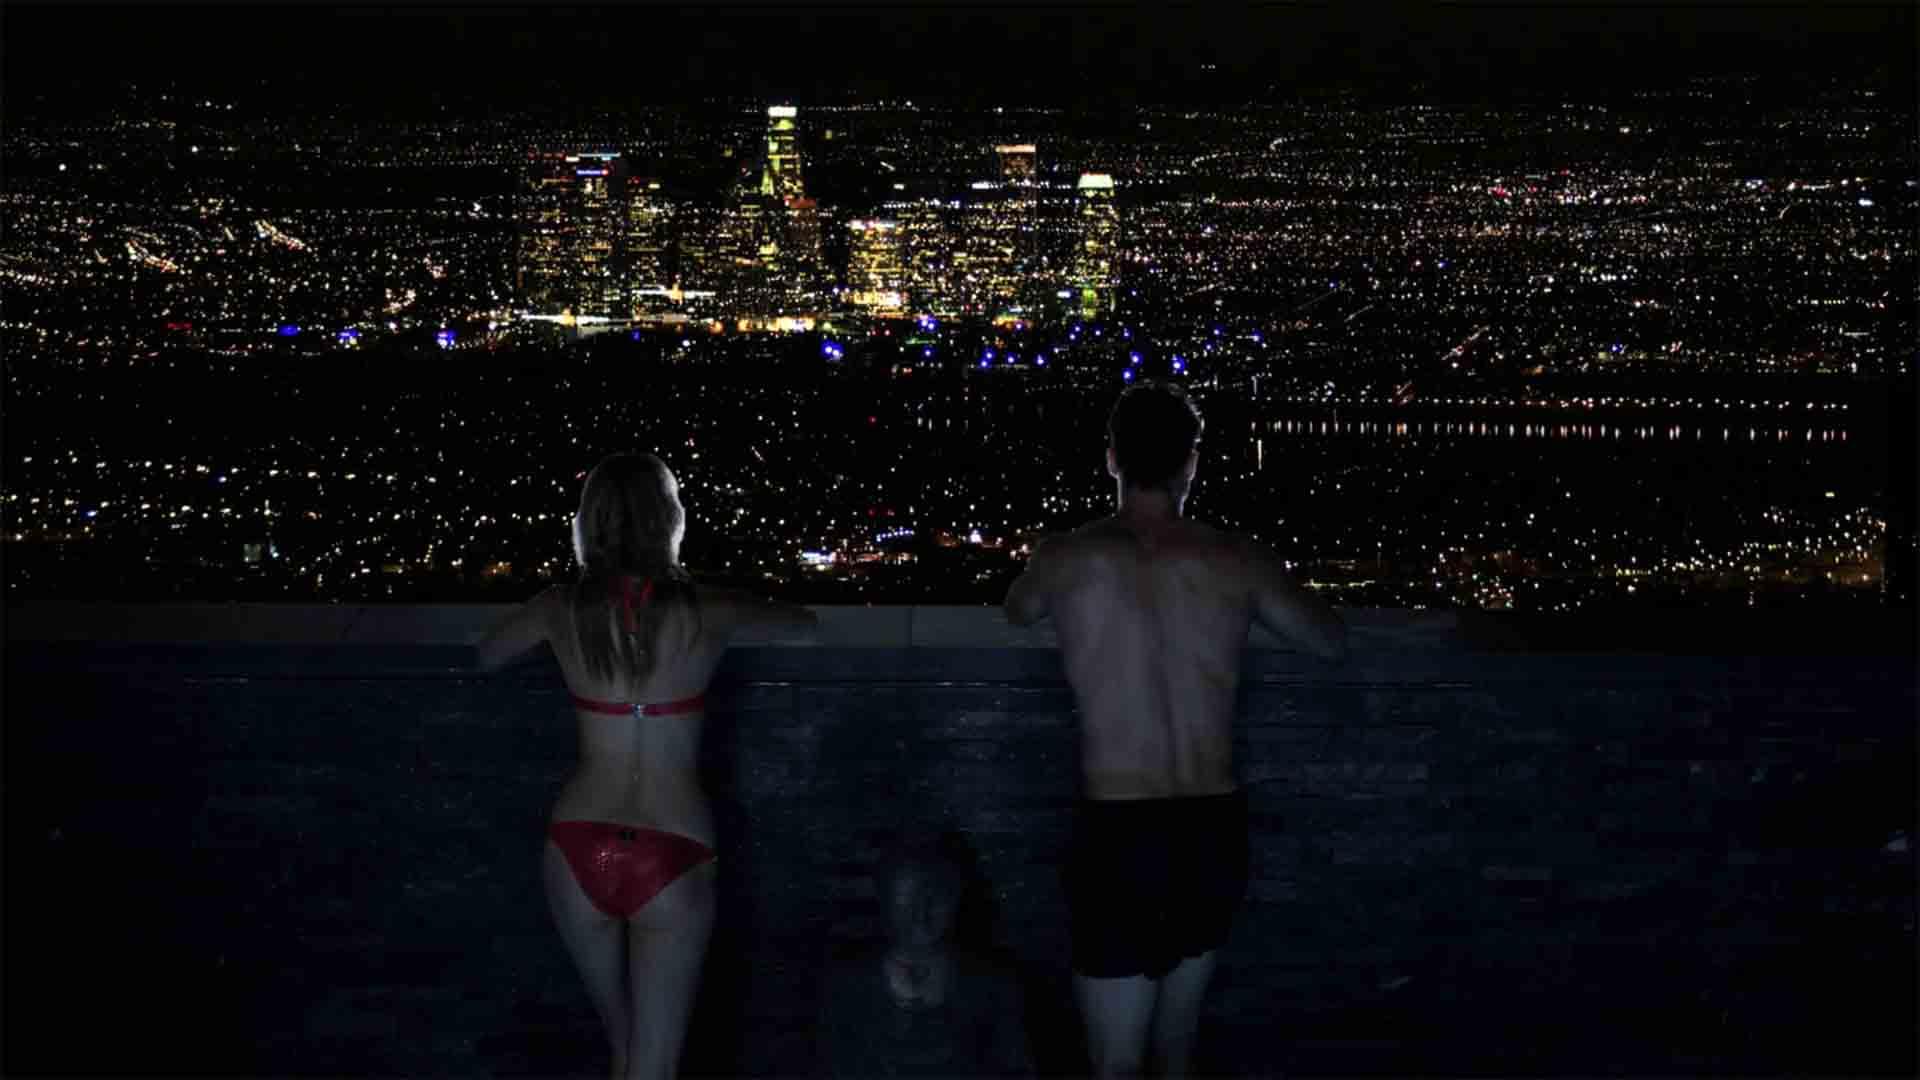 Das Bild zeigt die Skyline eine Stadt. Vor ihr stehen ein Mann und eine Frau in Badekleidung auf einem Balkon. Sie schauen sich die Skyline an. Es ist Nacht. Sie tragen Badekleidung. Der Mann trägt eine schwarze Badehose, die Frau trägt einen roten Bikini. Das Bild dient als Sliderbild für den Portfolioeintrag BMW Connected Drive Home Alone von Panda Pictures.